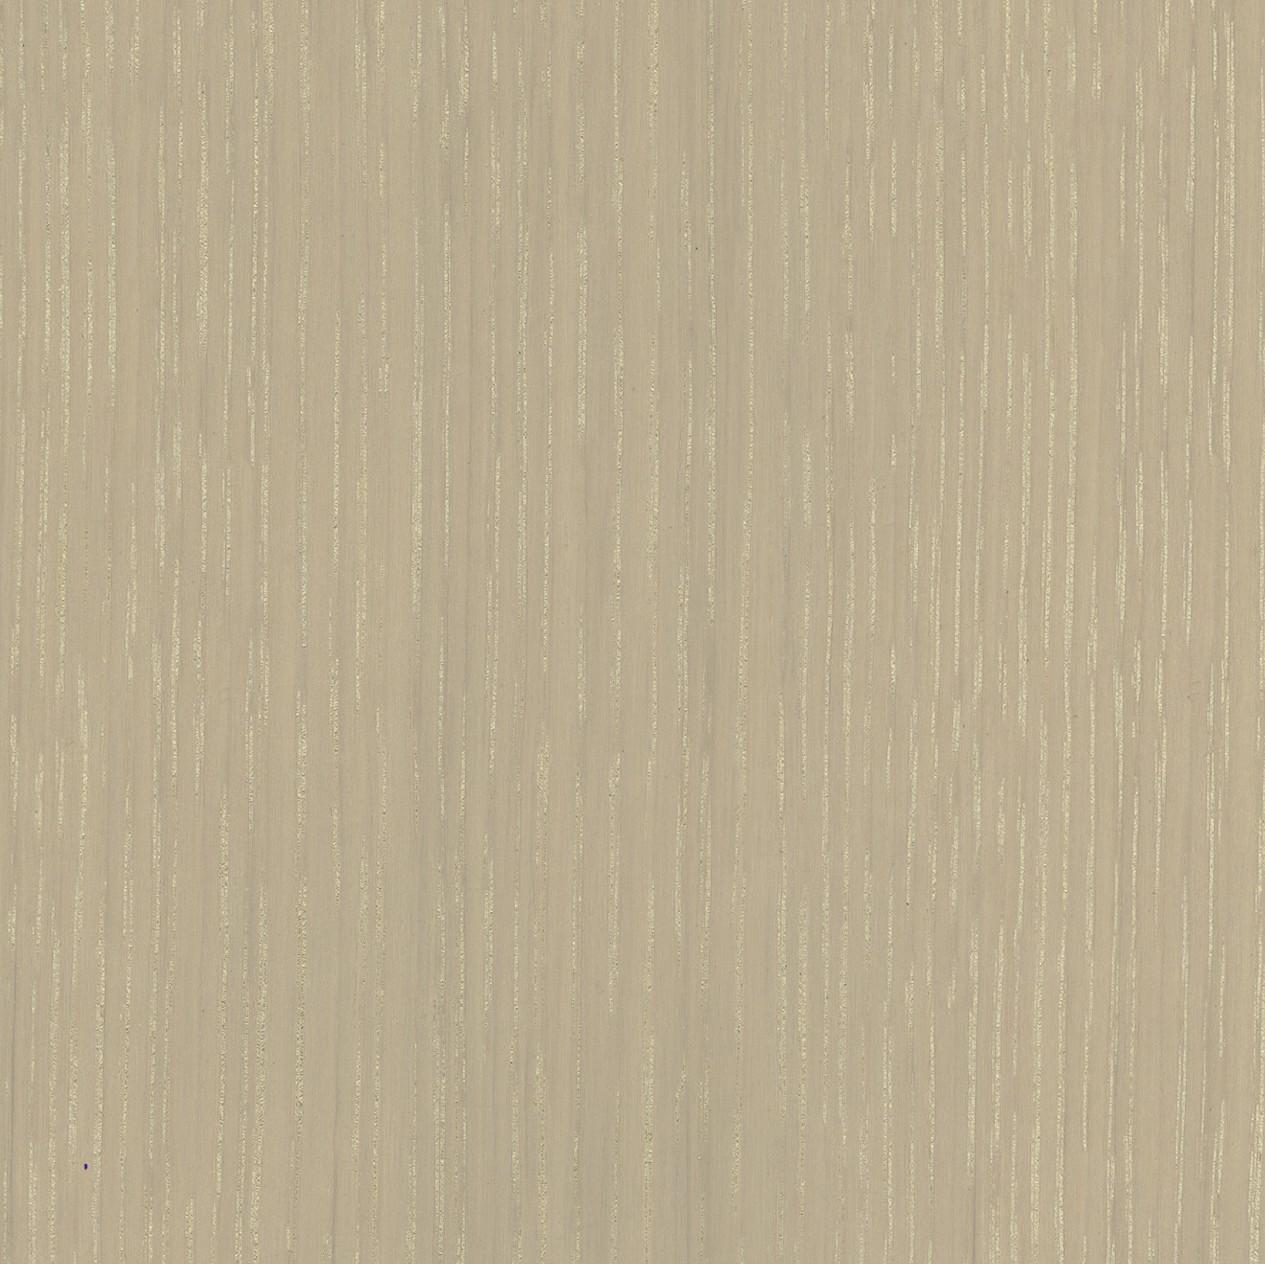 45 Arbor Oak: Oak, White Rift Cut